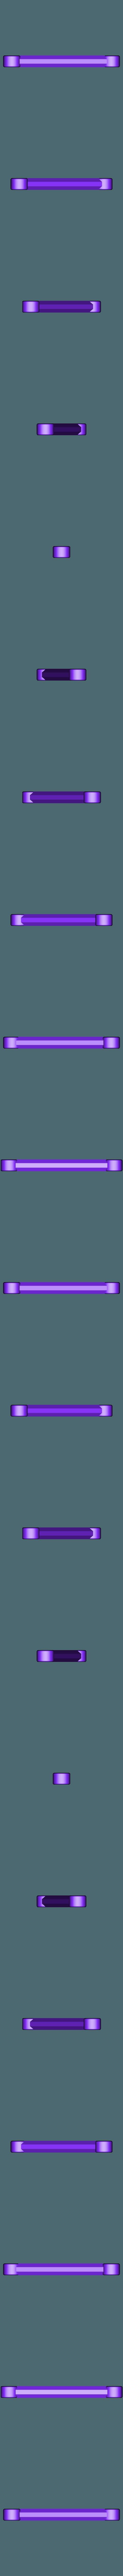 Tie rod.stl Télécharger fichier STL gratuit WLtoys A959 • Plan imprimable en 3D, EvolvingExtrusions